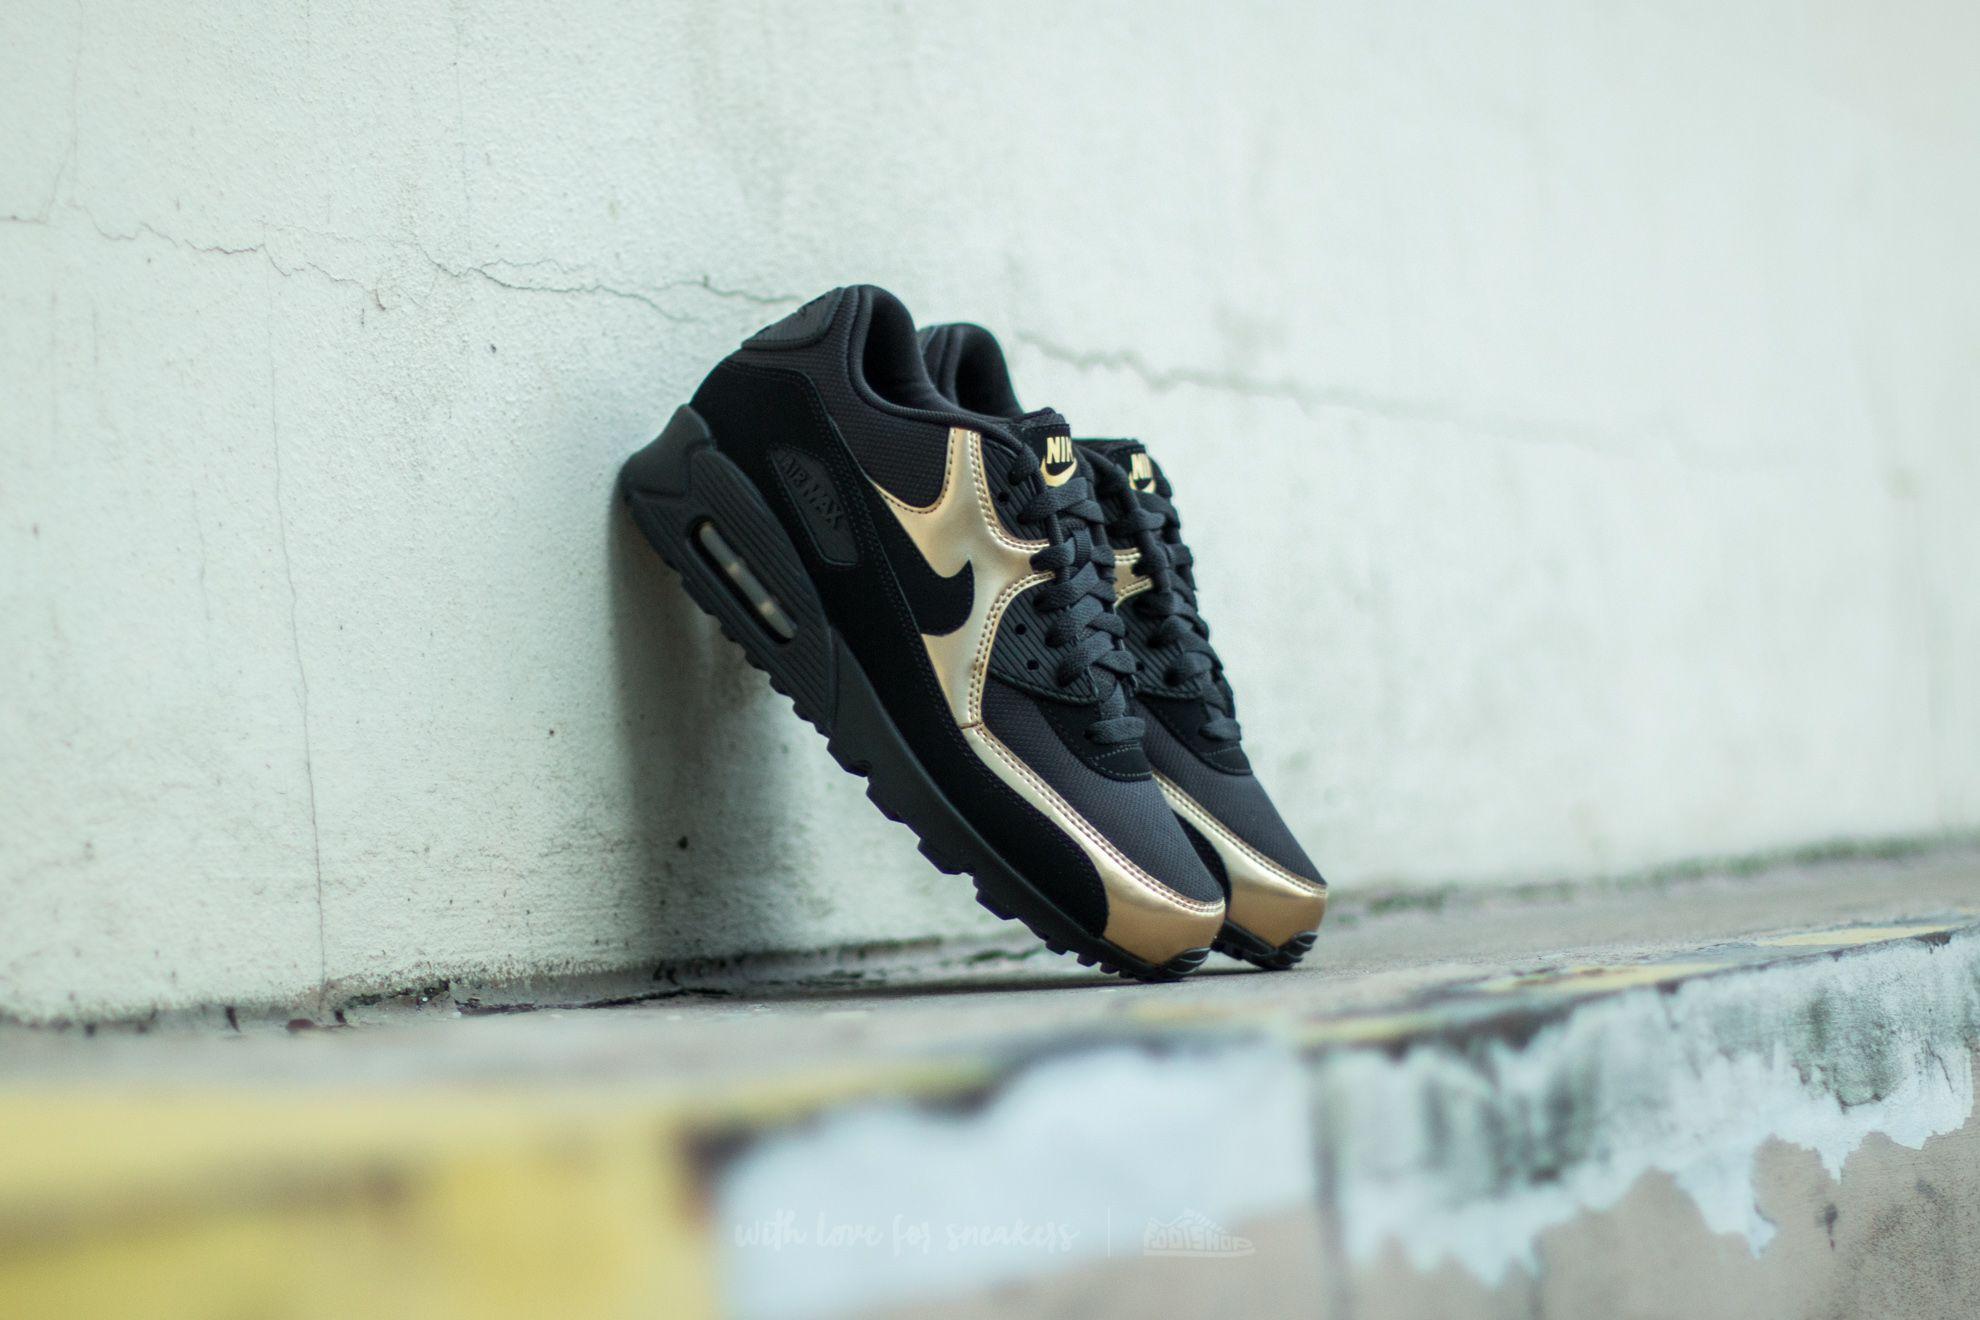 Nike Air Max 90 Black Gold Fashion in 2020 | Nike air max